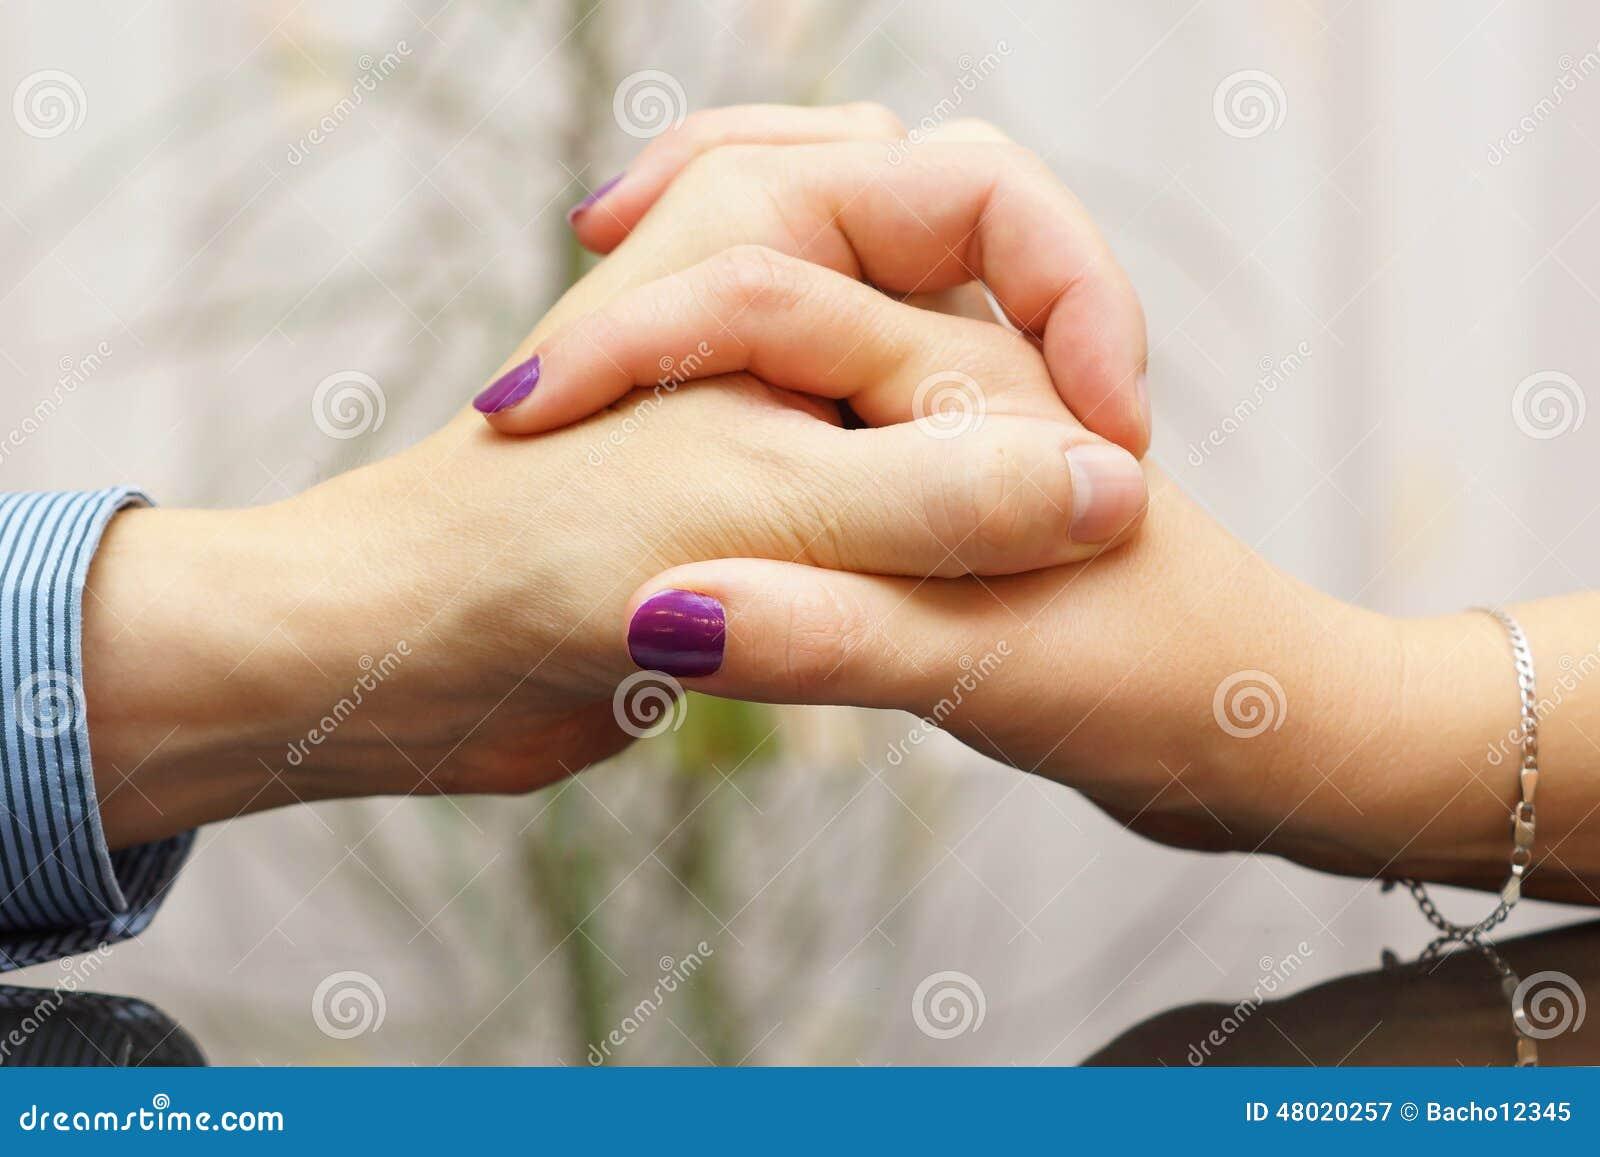 homme et femme montrant l 39 amour et le soin entre eux avec des mains image stock image 48020257. Black Bedroom Furniture Sets. Home Design Ideas